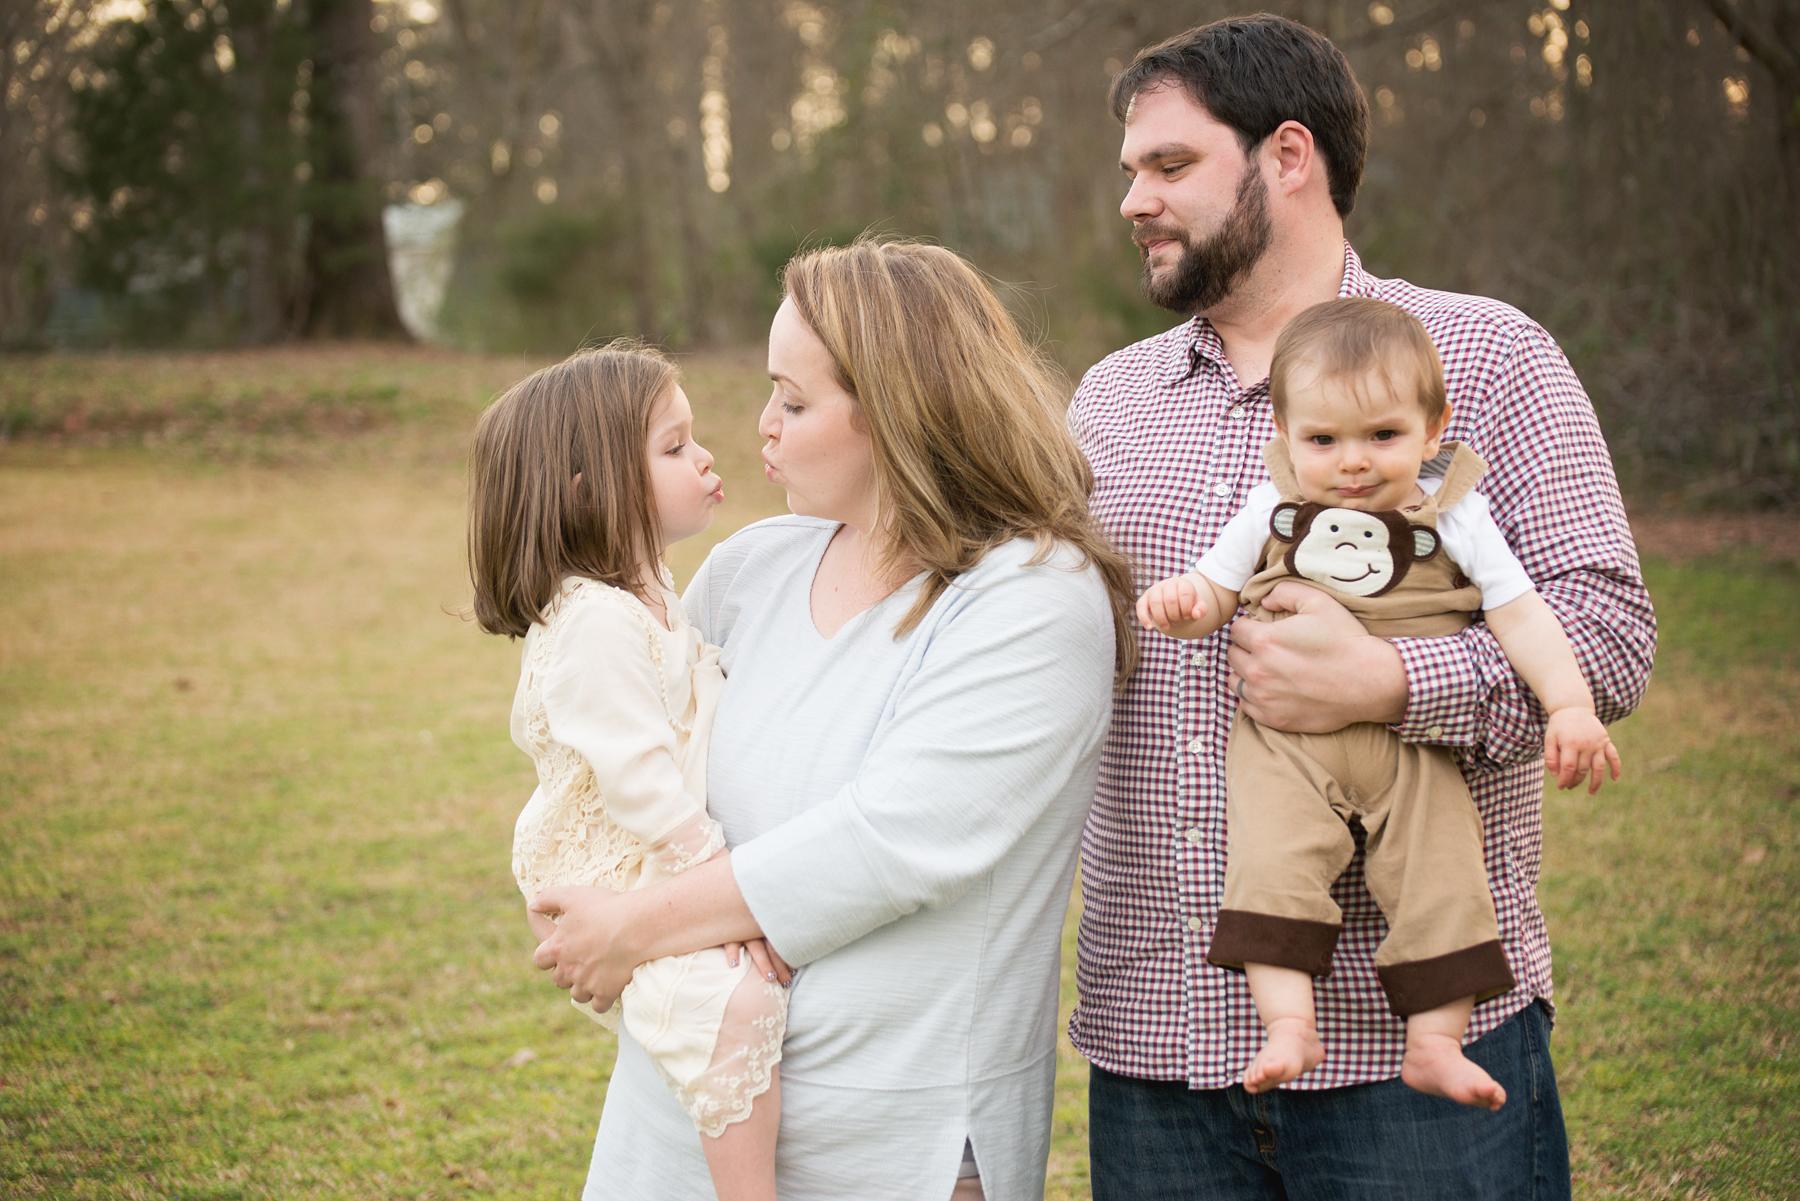 family_photographer-17.jpg